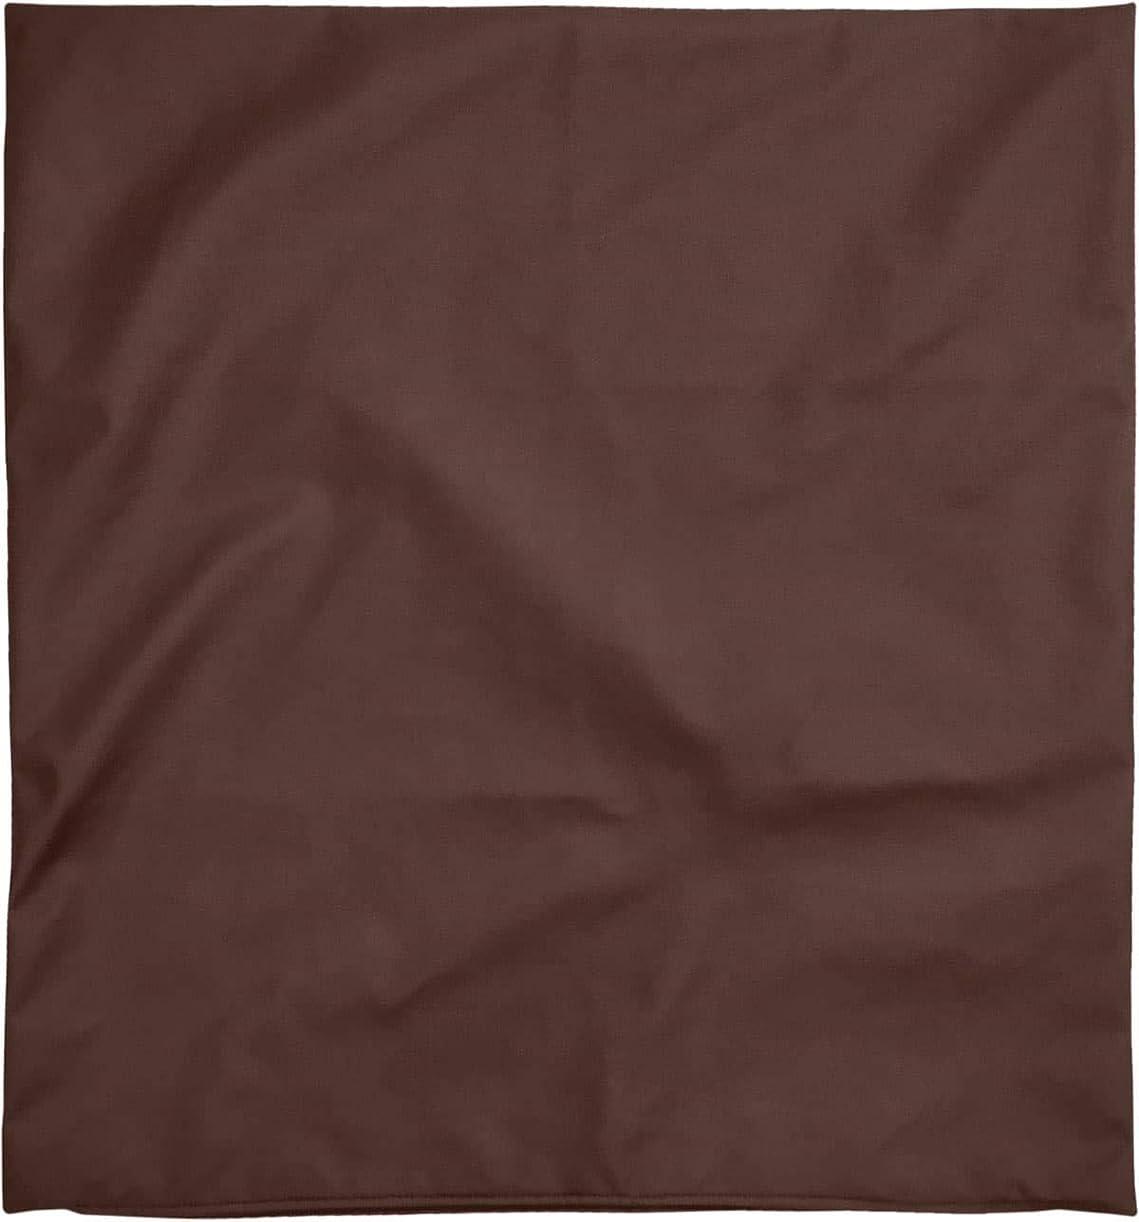 いちゃつく伝導率キャンドル座布団カバー 約59×63cm 八端判 R-24 PU合皮 ポリウレタン合成皮革 フェイクレザー ブラウン 日本製